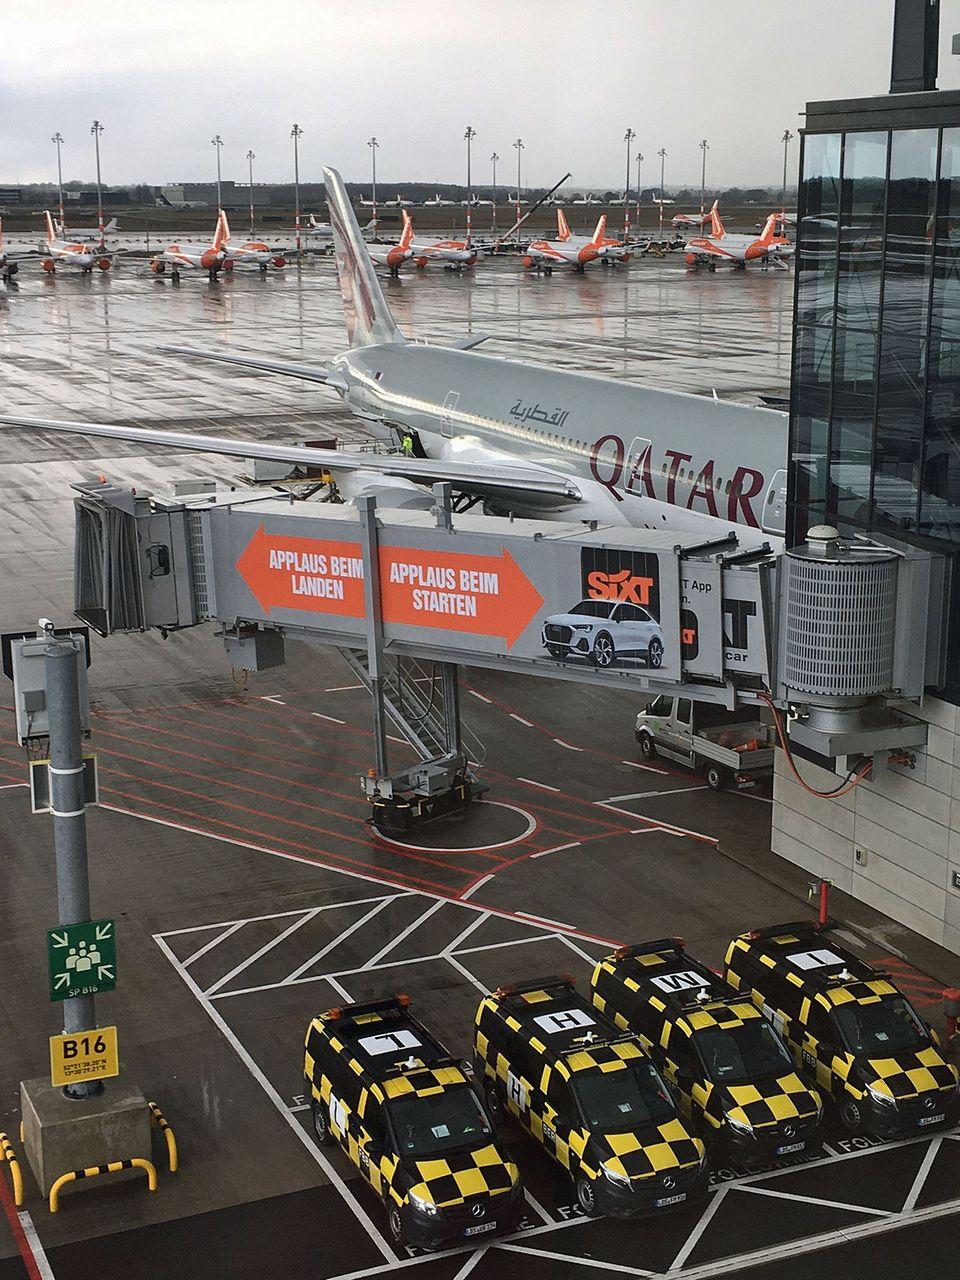 Die Boeing 787 von Qatar Airways am Flughafen BER. Im Hintergrund stehen langfristig geparkte Maschinen von Easyjet.